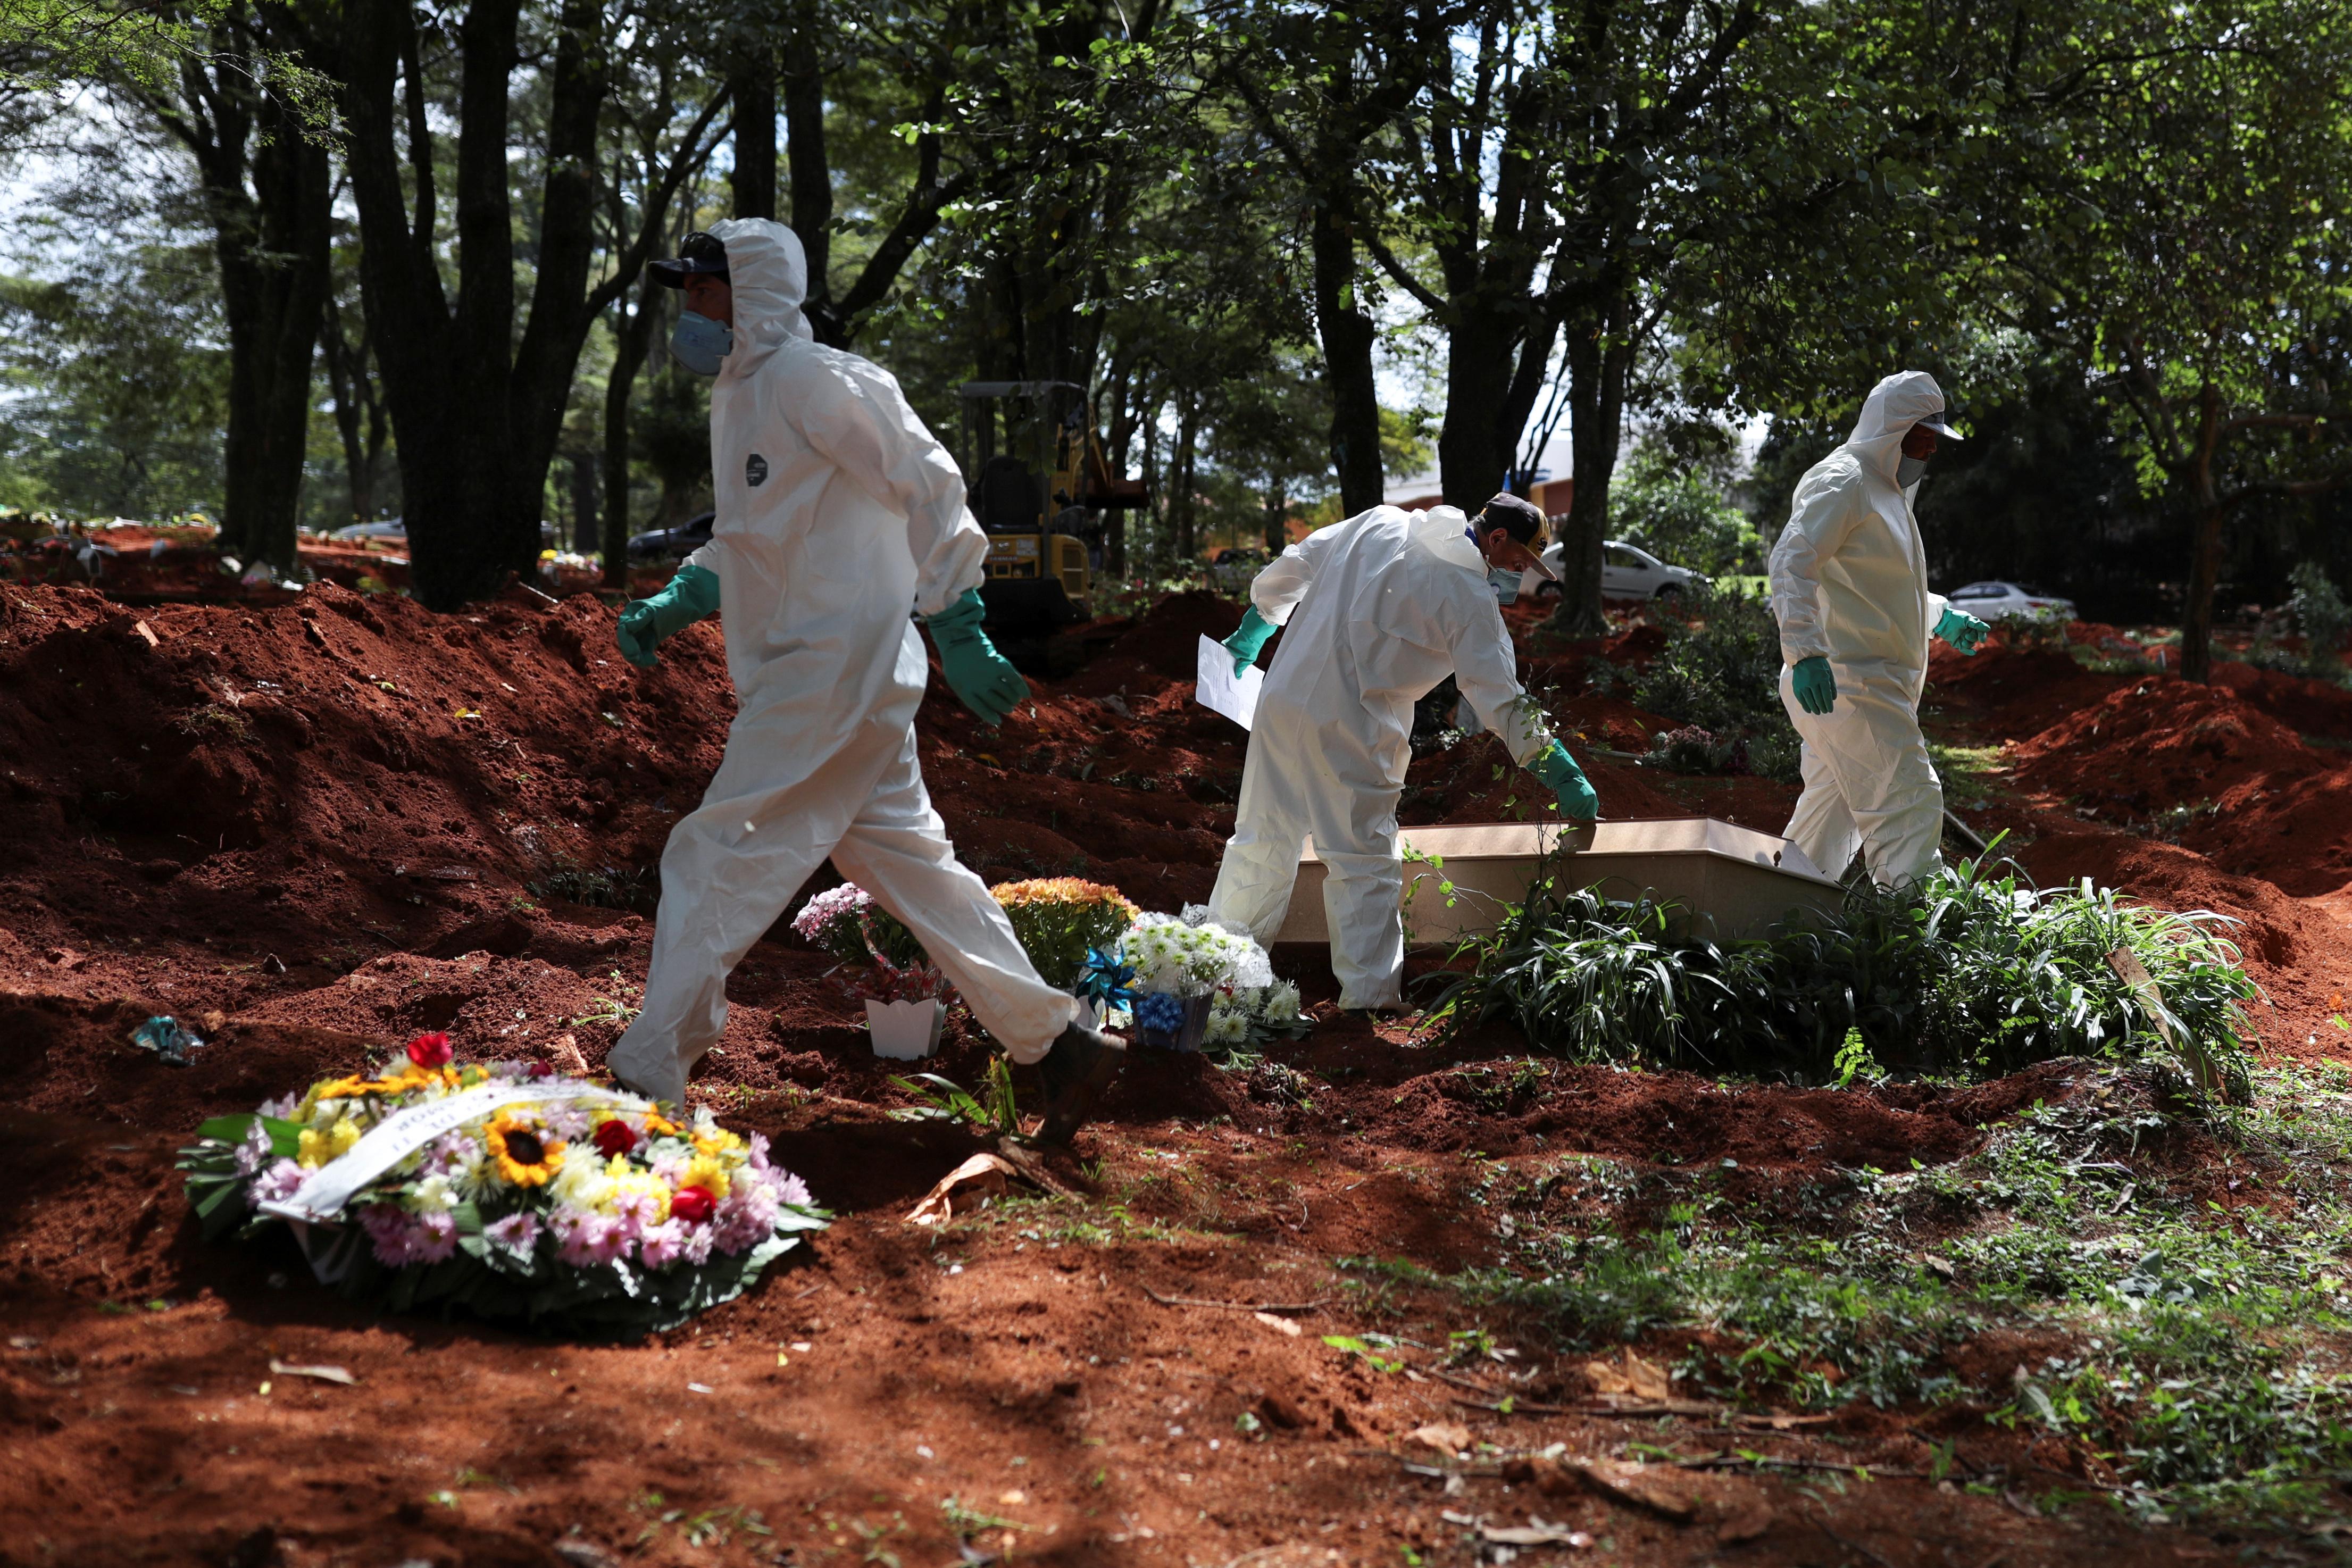 Trabajadores del cementerio más grande de Brasil, Vila Formosa, en San Pablo, trabajan contra reloj para alcanzar a enterrar a los muertos que llegan como consecuencia del brote de coronavirus (Reuters)